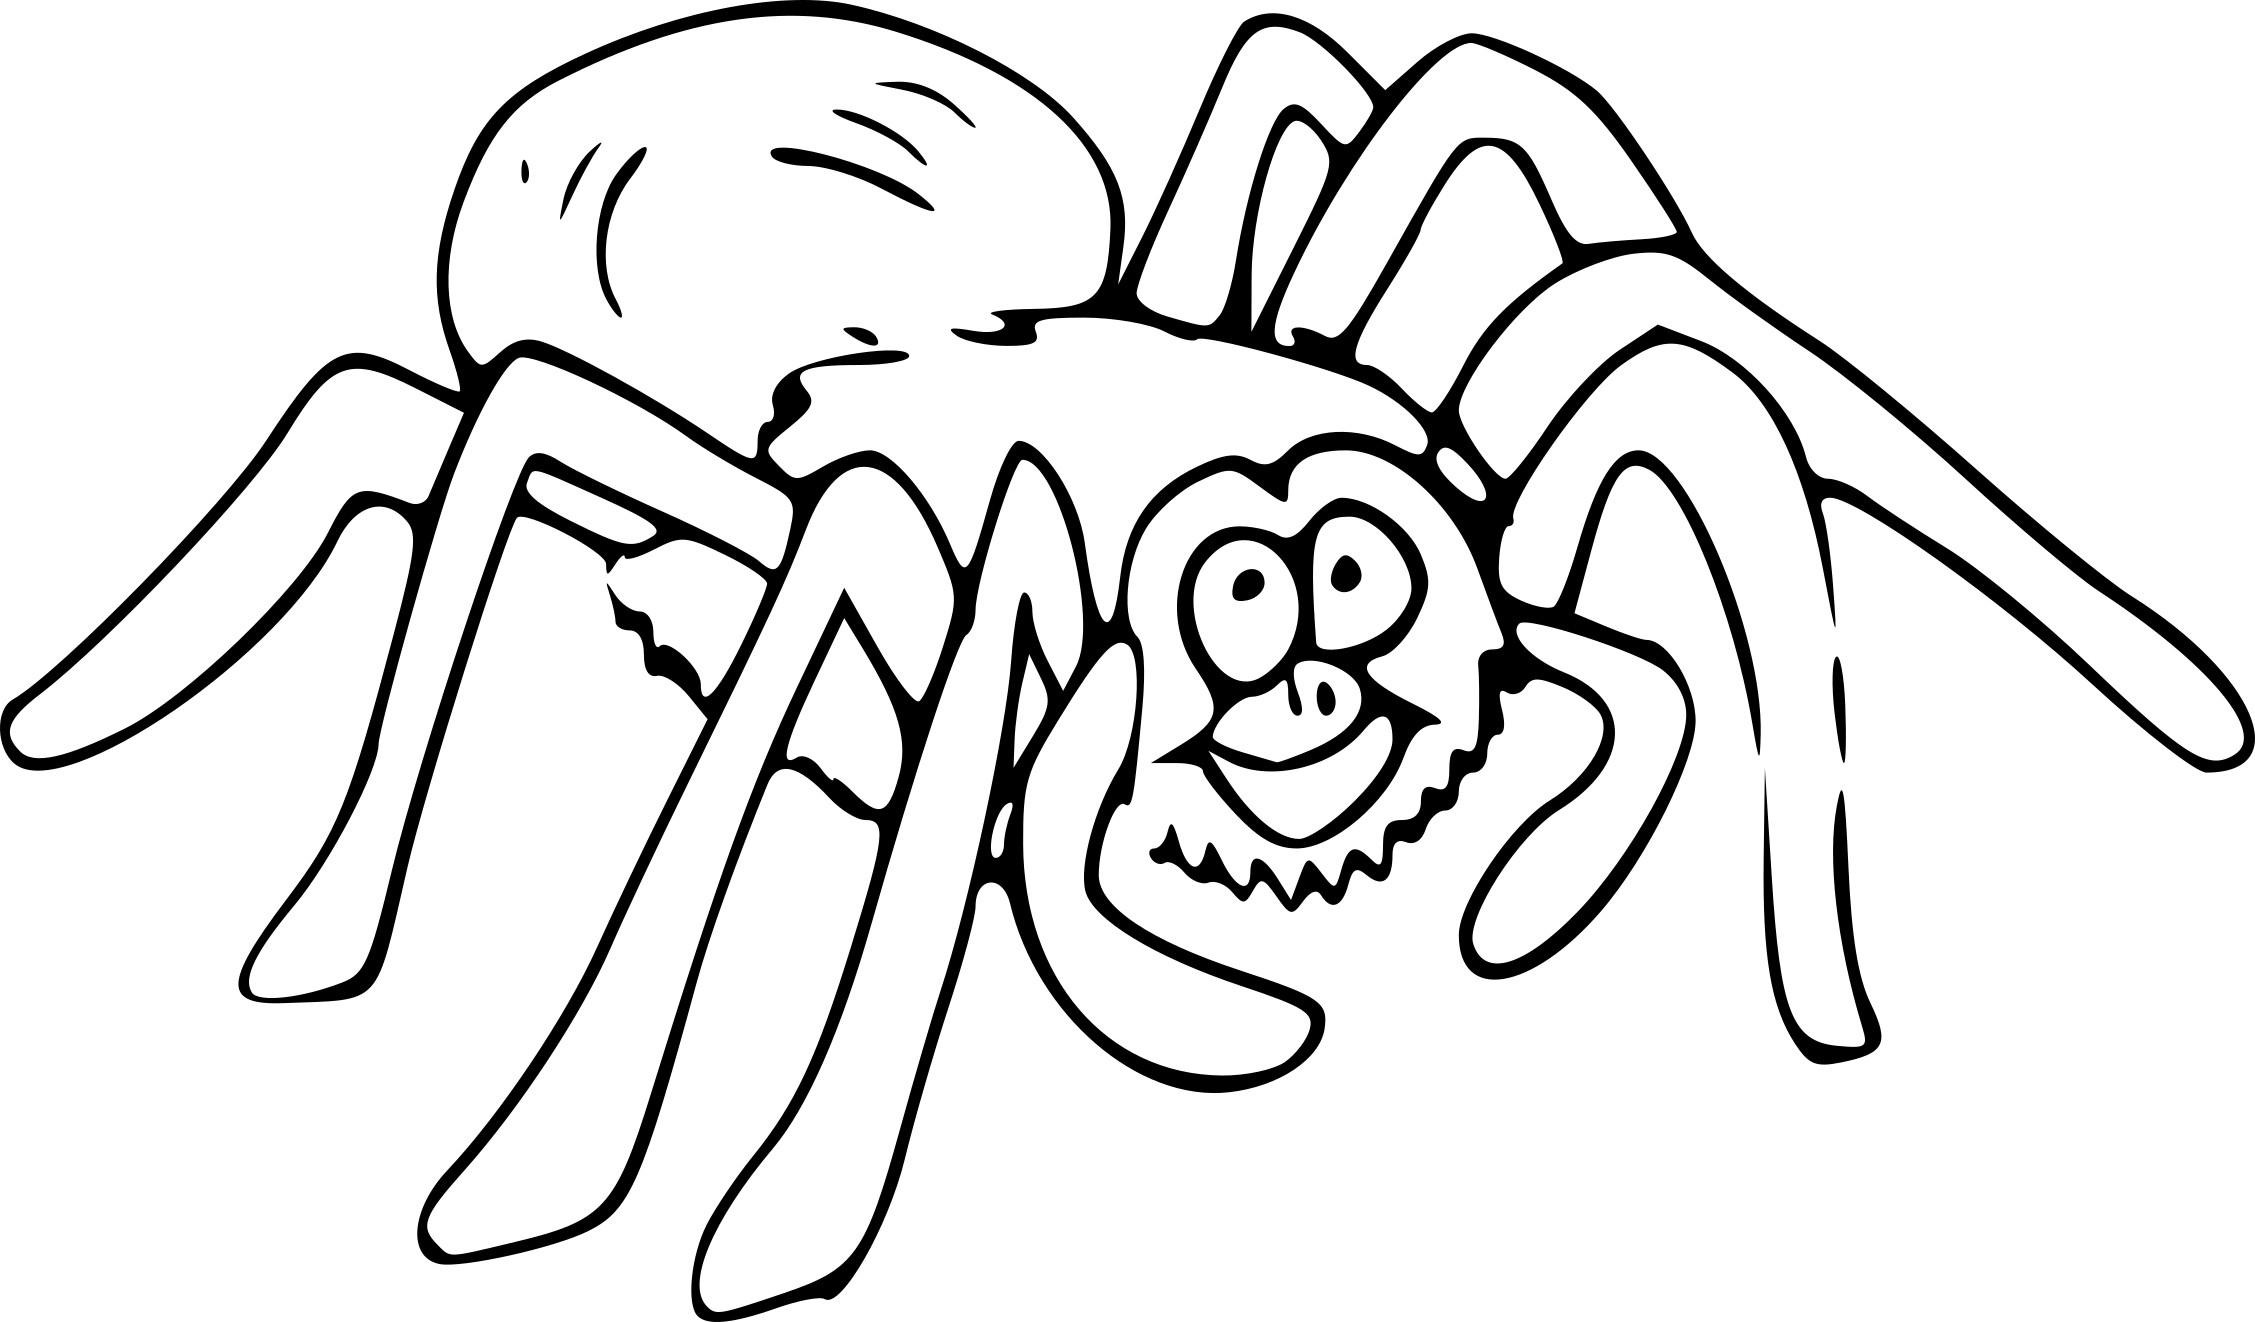 Coloriage Araignée Dessin À Imprimer Sur Coloriages pour Dessiner Une Araignee